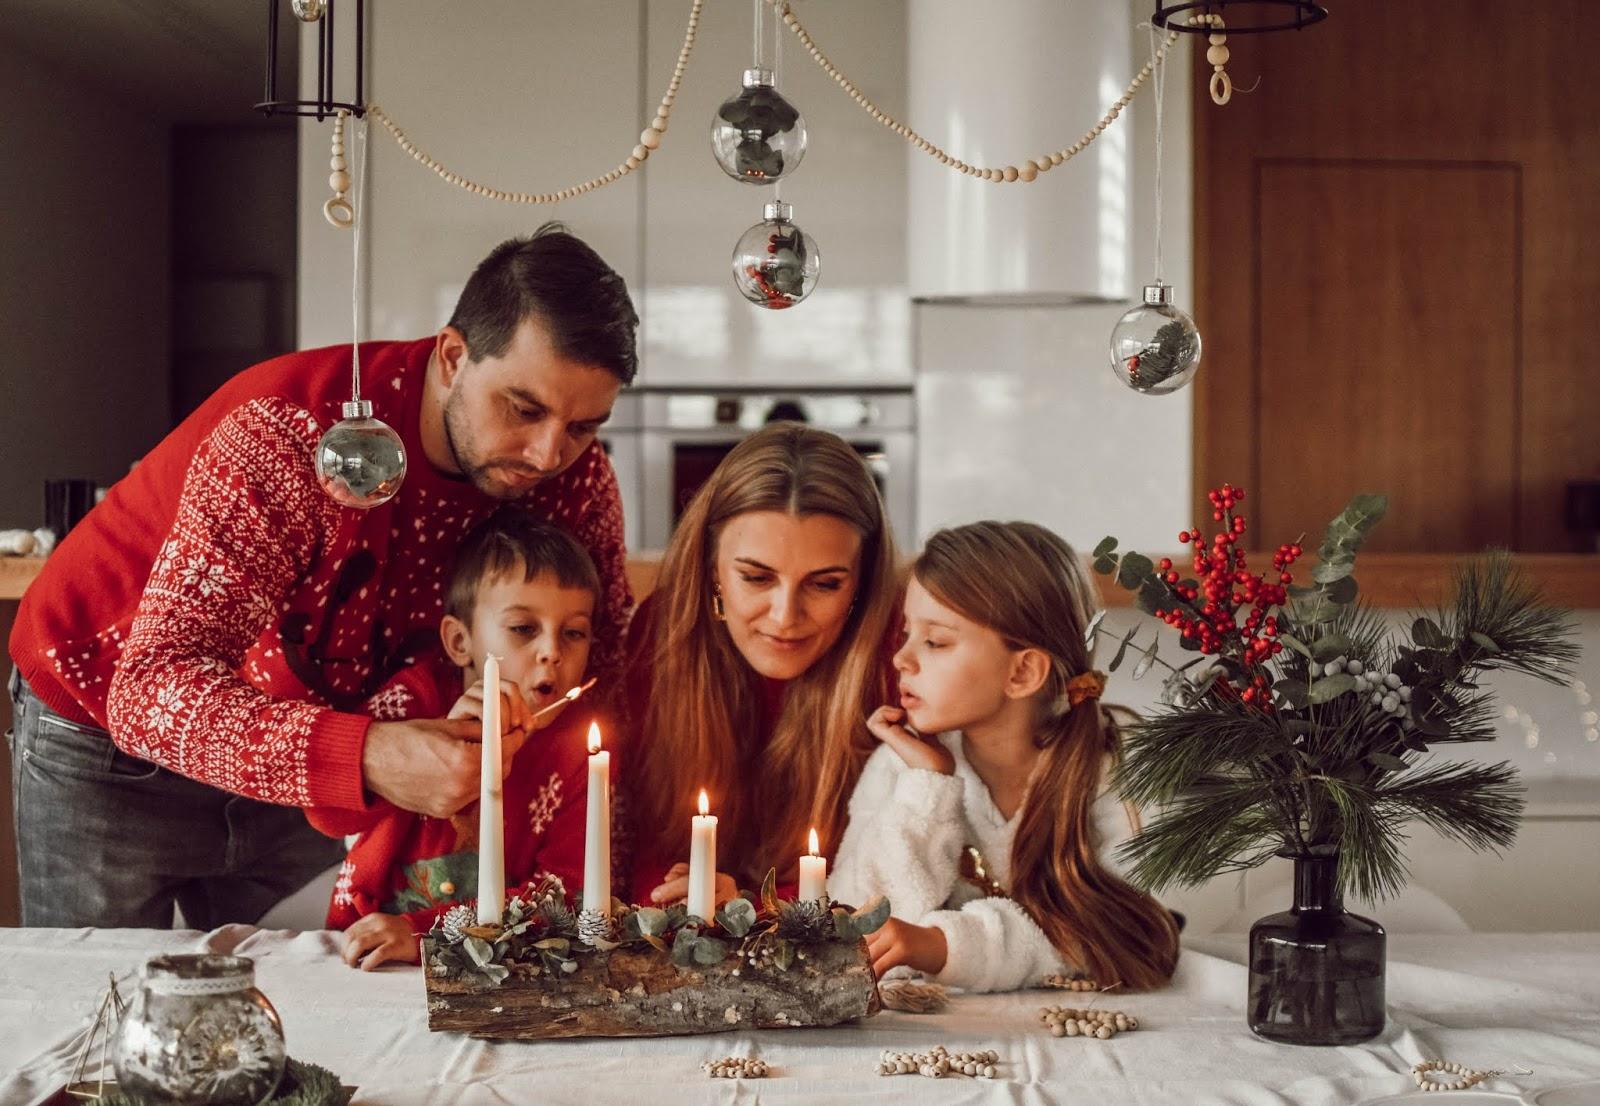 Inspirace // Vánoční čas u nás doma